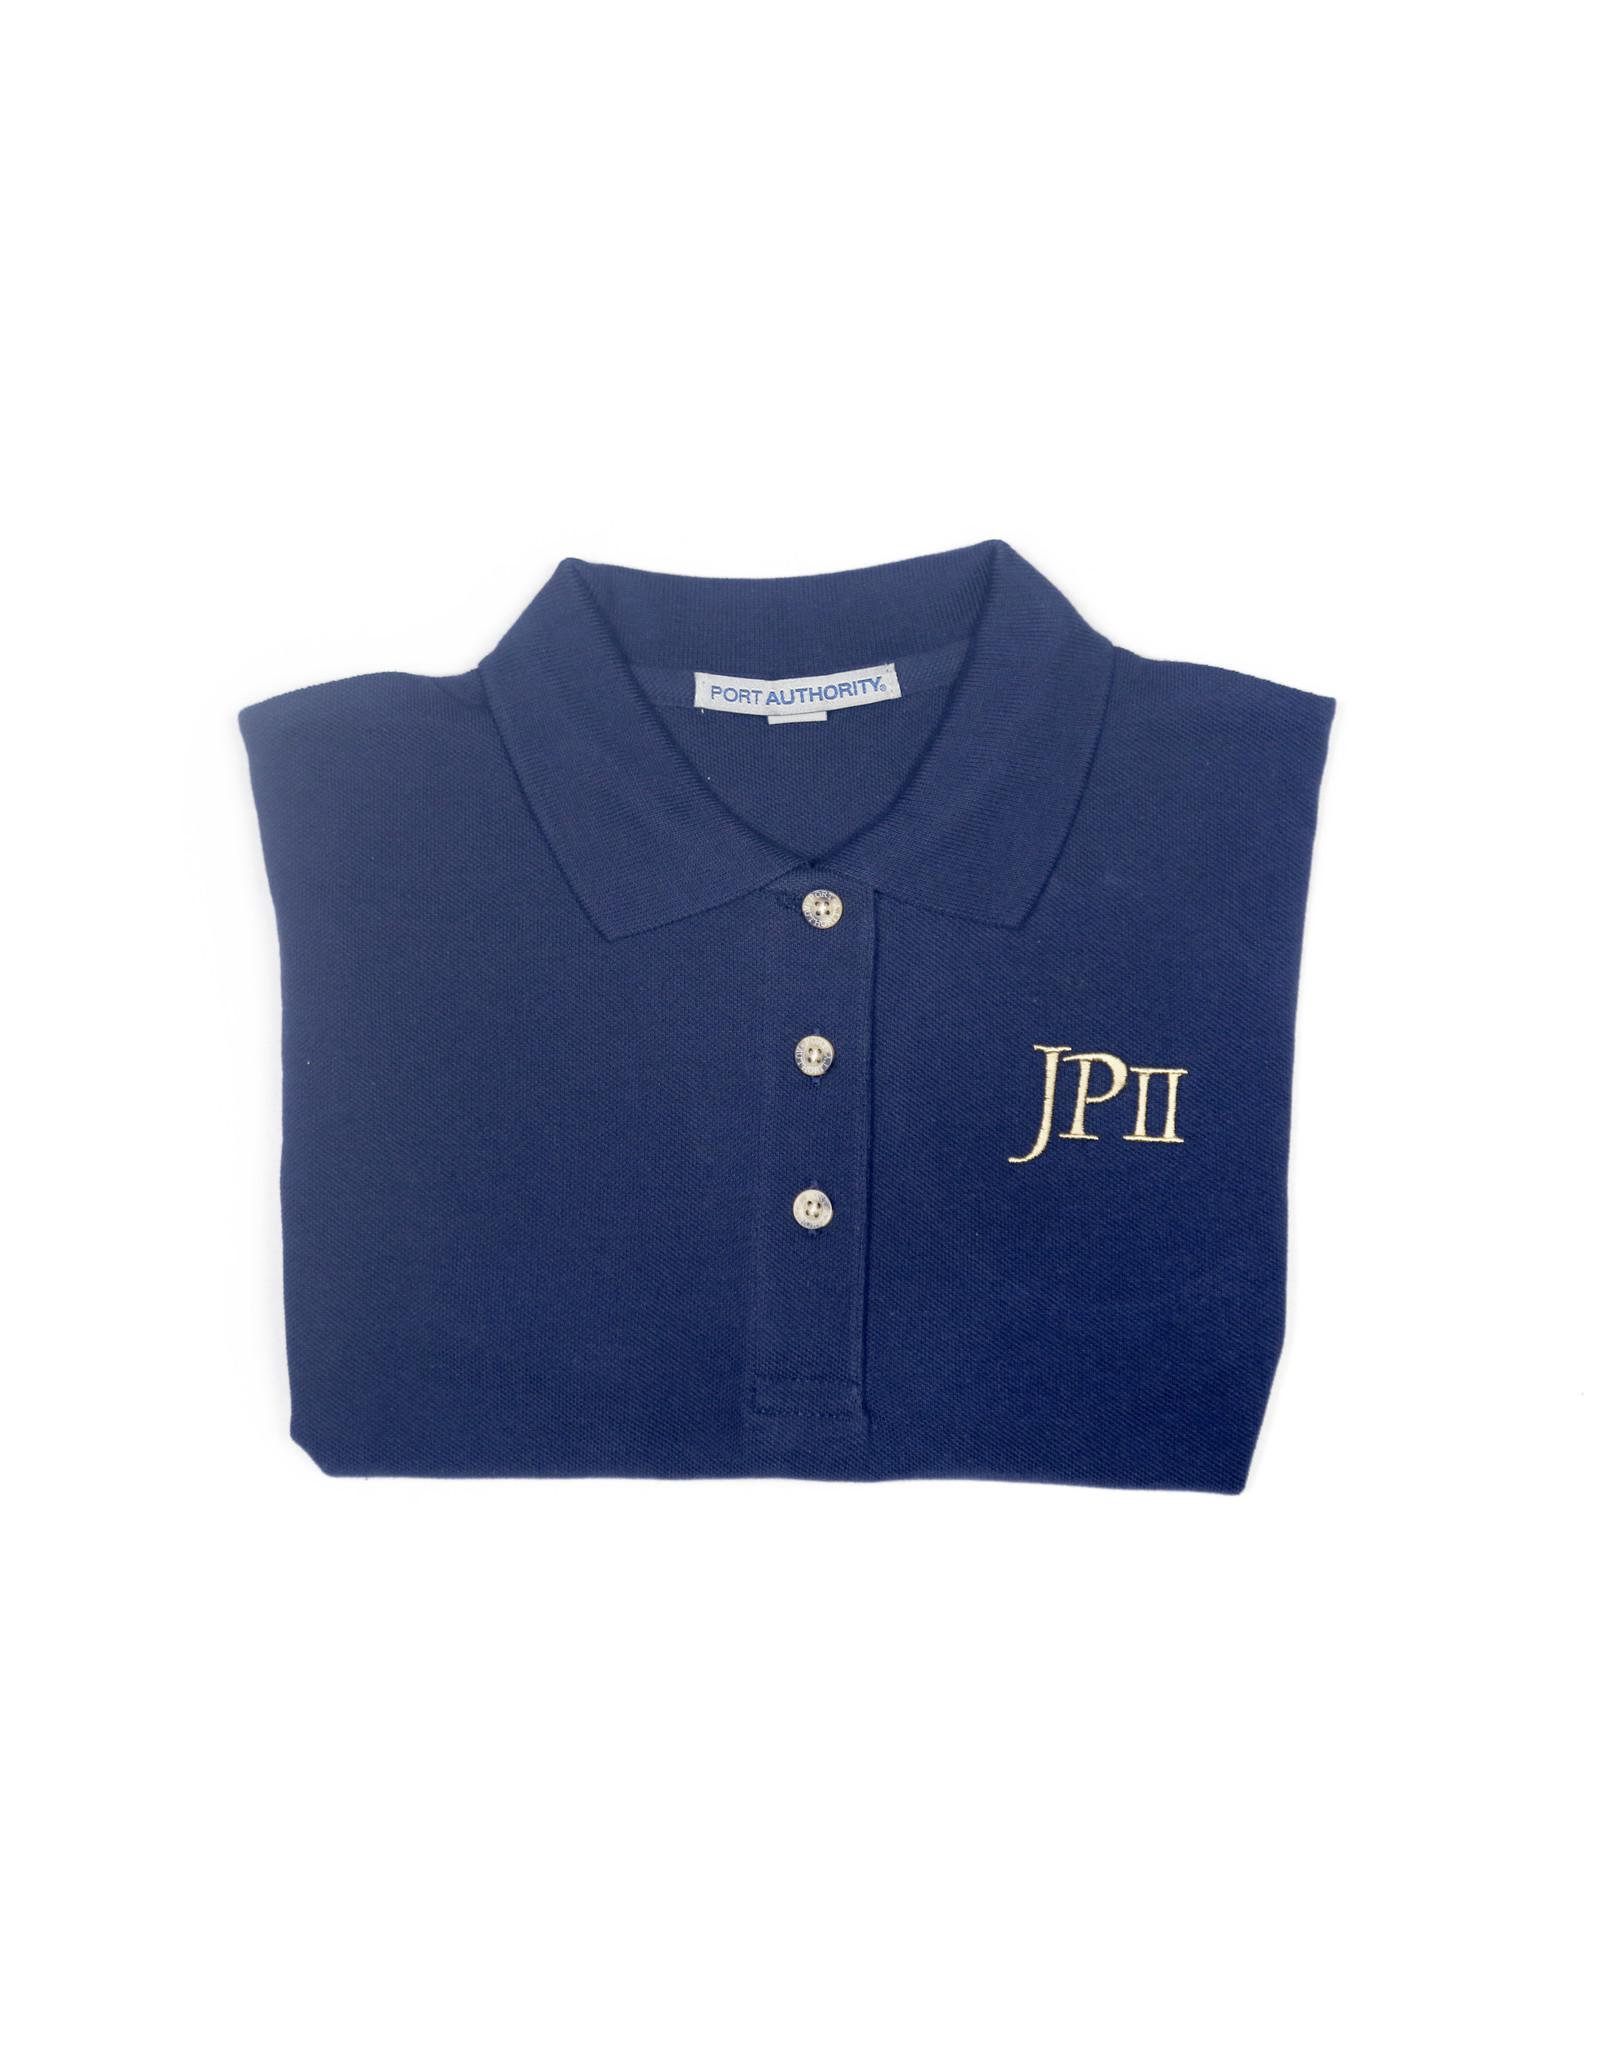 Port Authority Old Ladies Polo Uniform